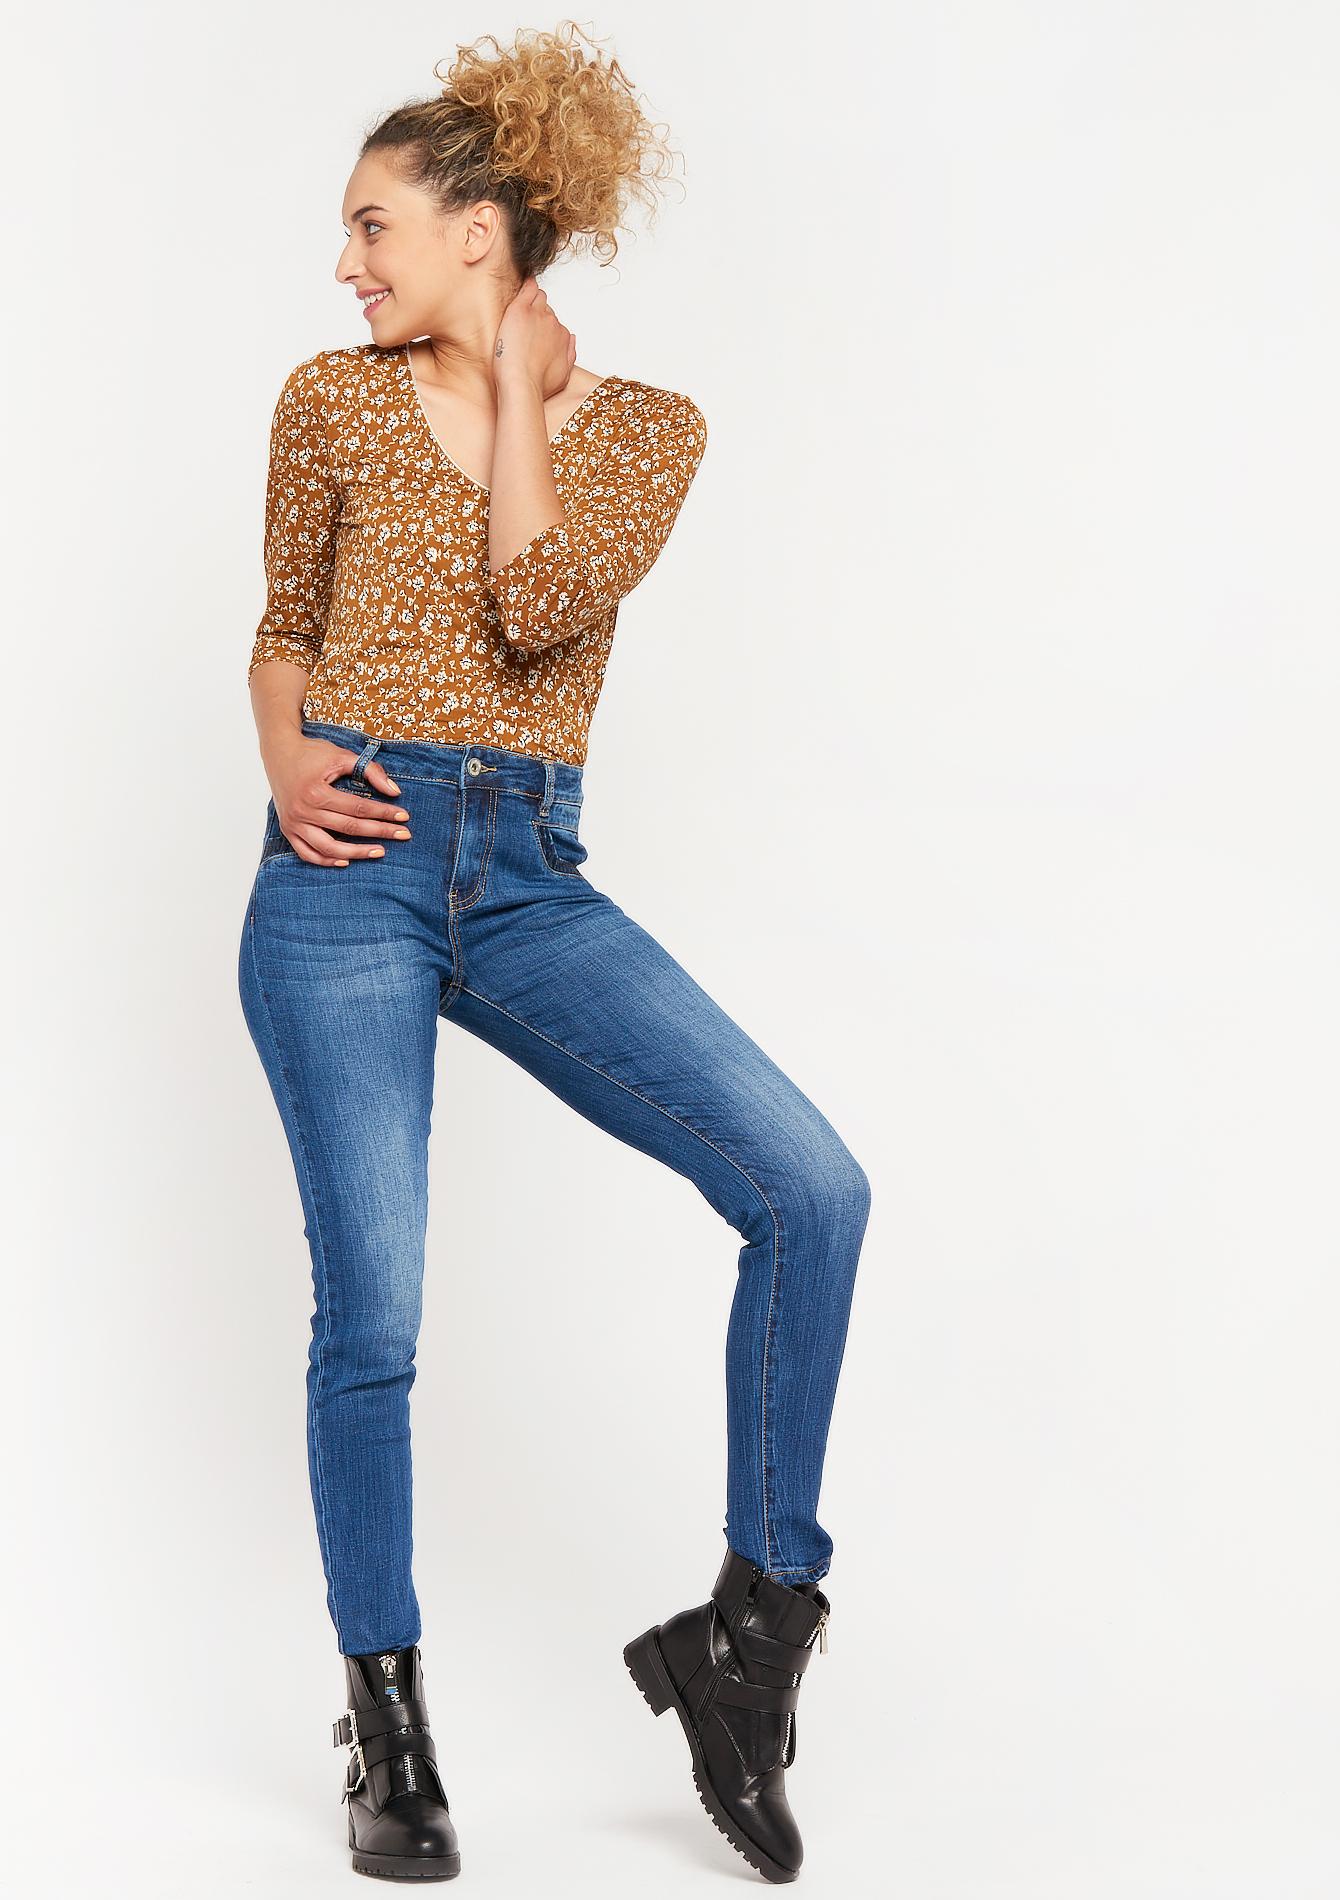 Jeans avec paillettes